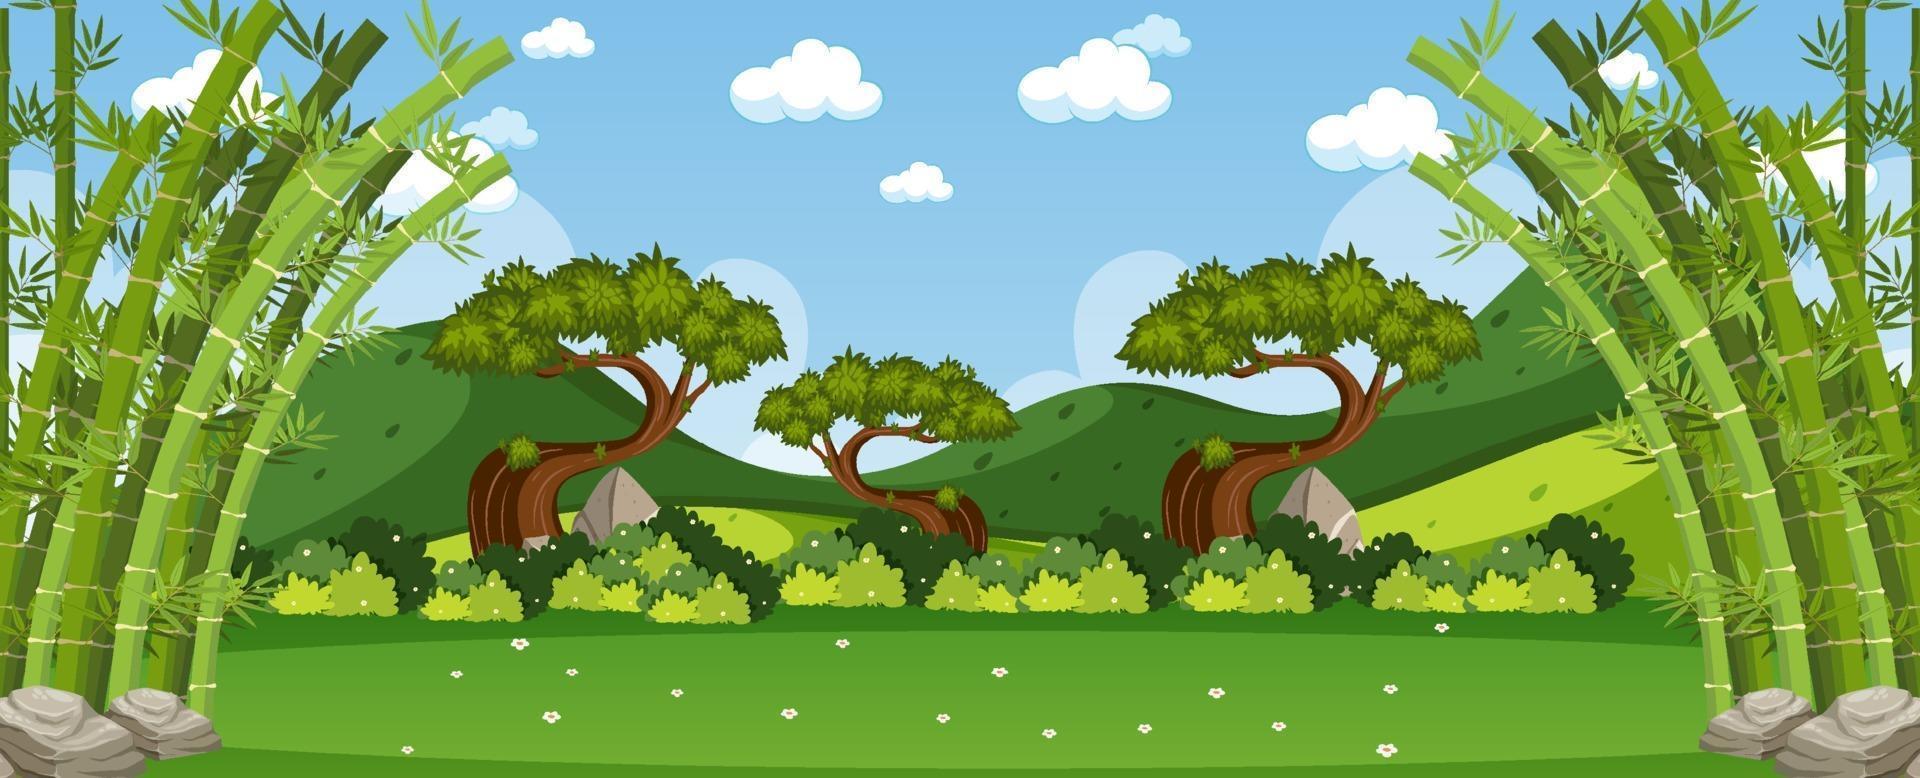 cena da paisagem ao ar livre da natureza vetor